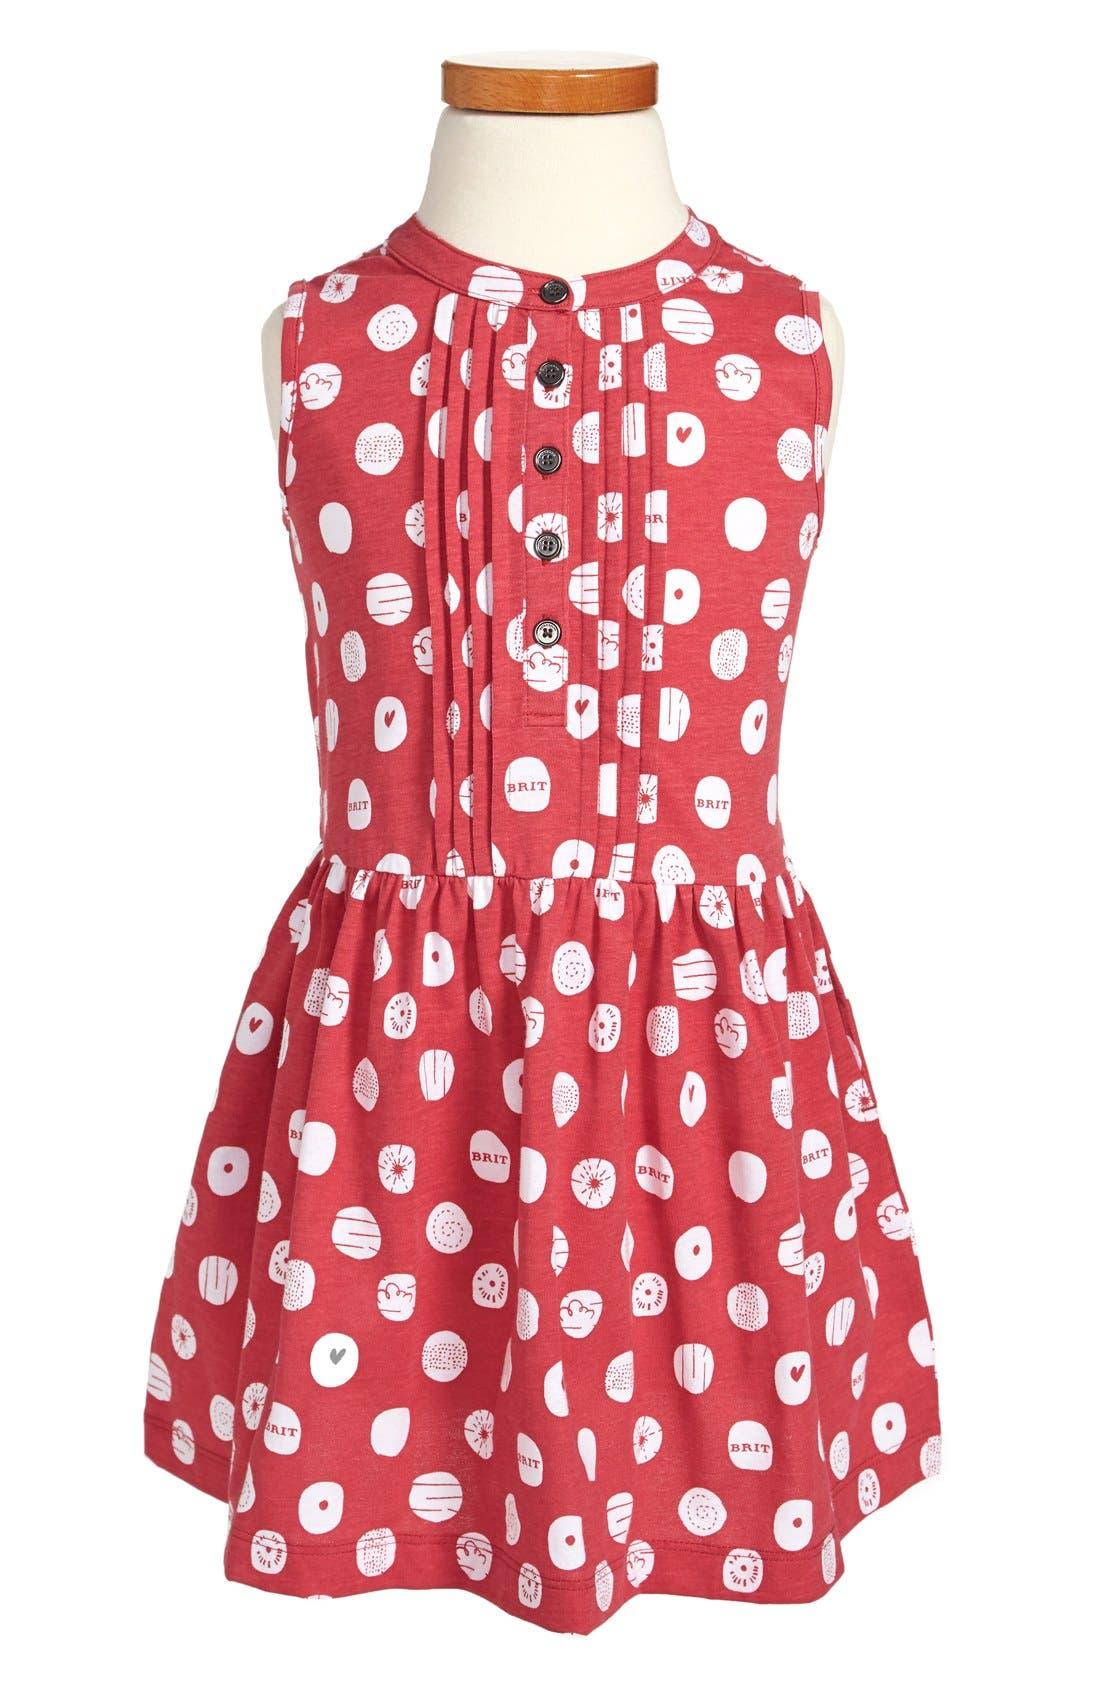 Alternate Image 1 Selected - Burberry Sleeveless Print Dress (Toddler Girls, Little Girls & Big Girls)